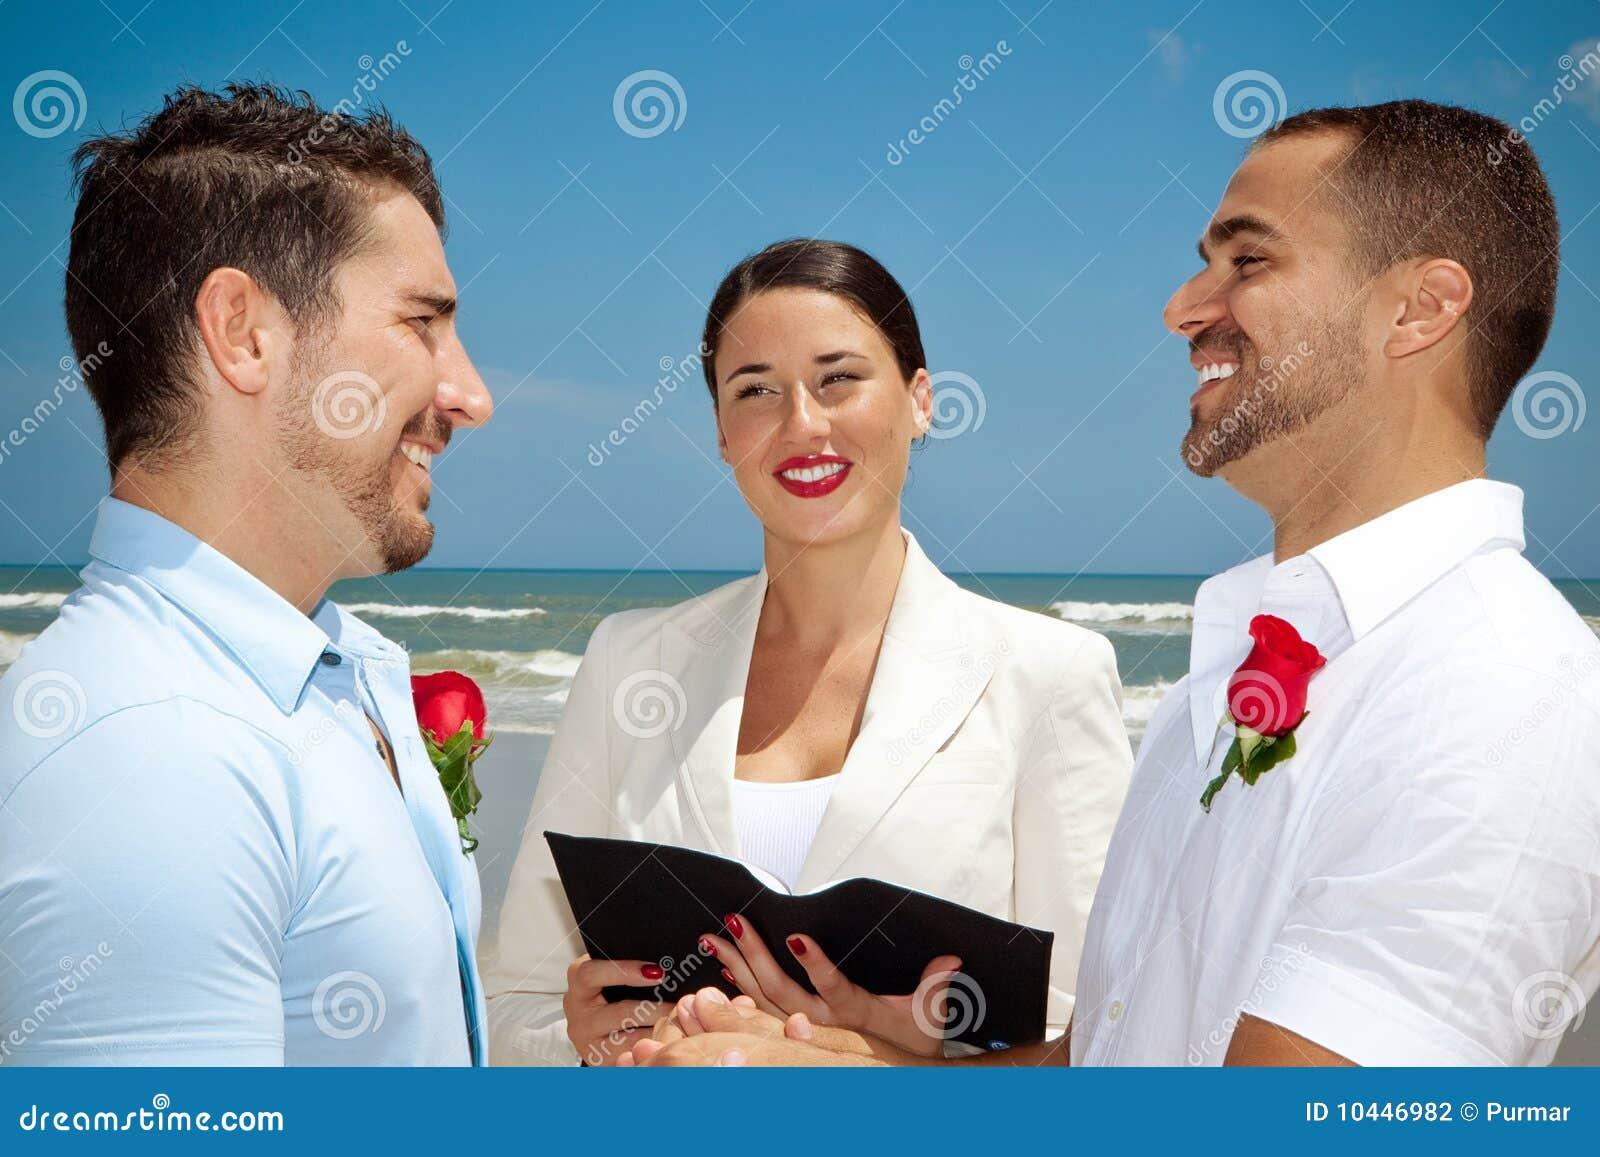 svadba-geev-foto